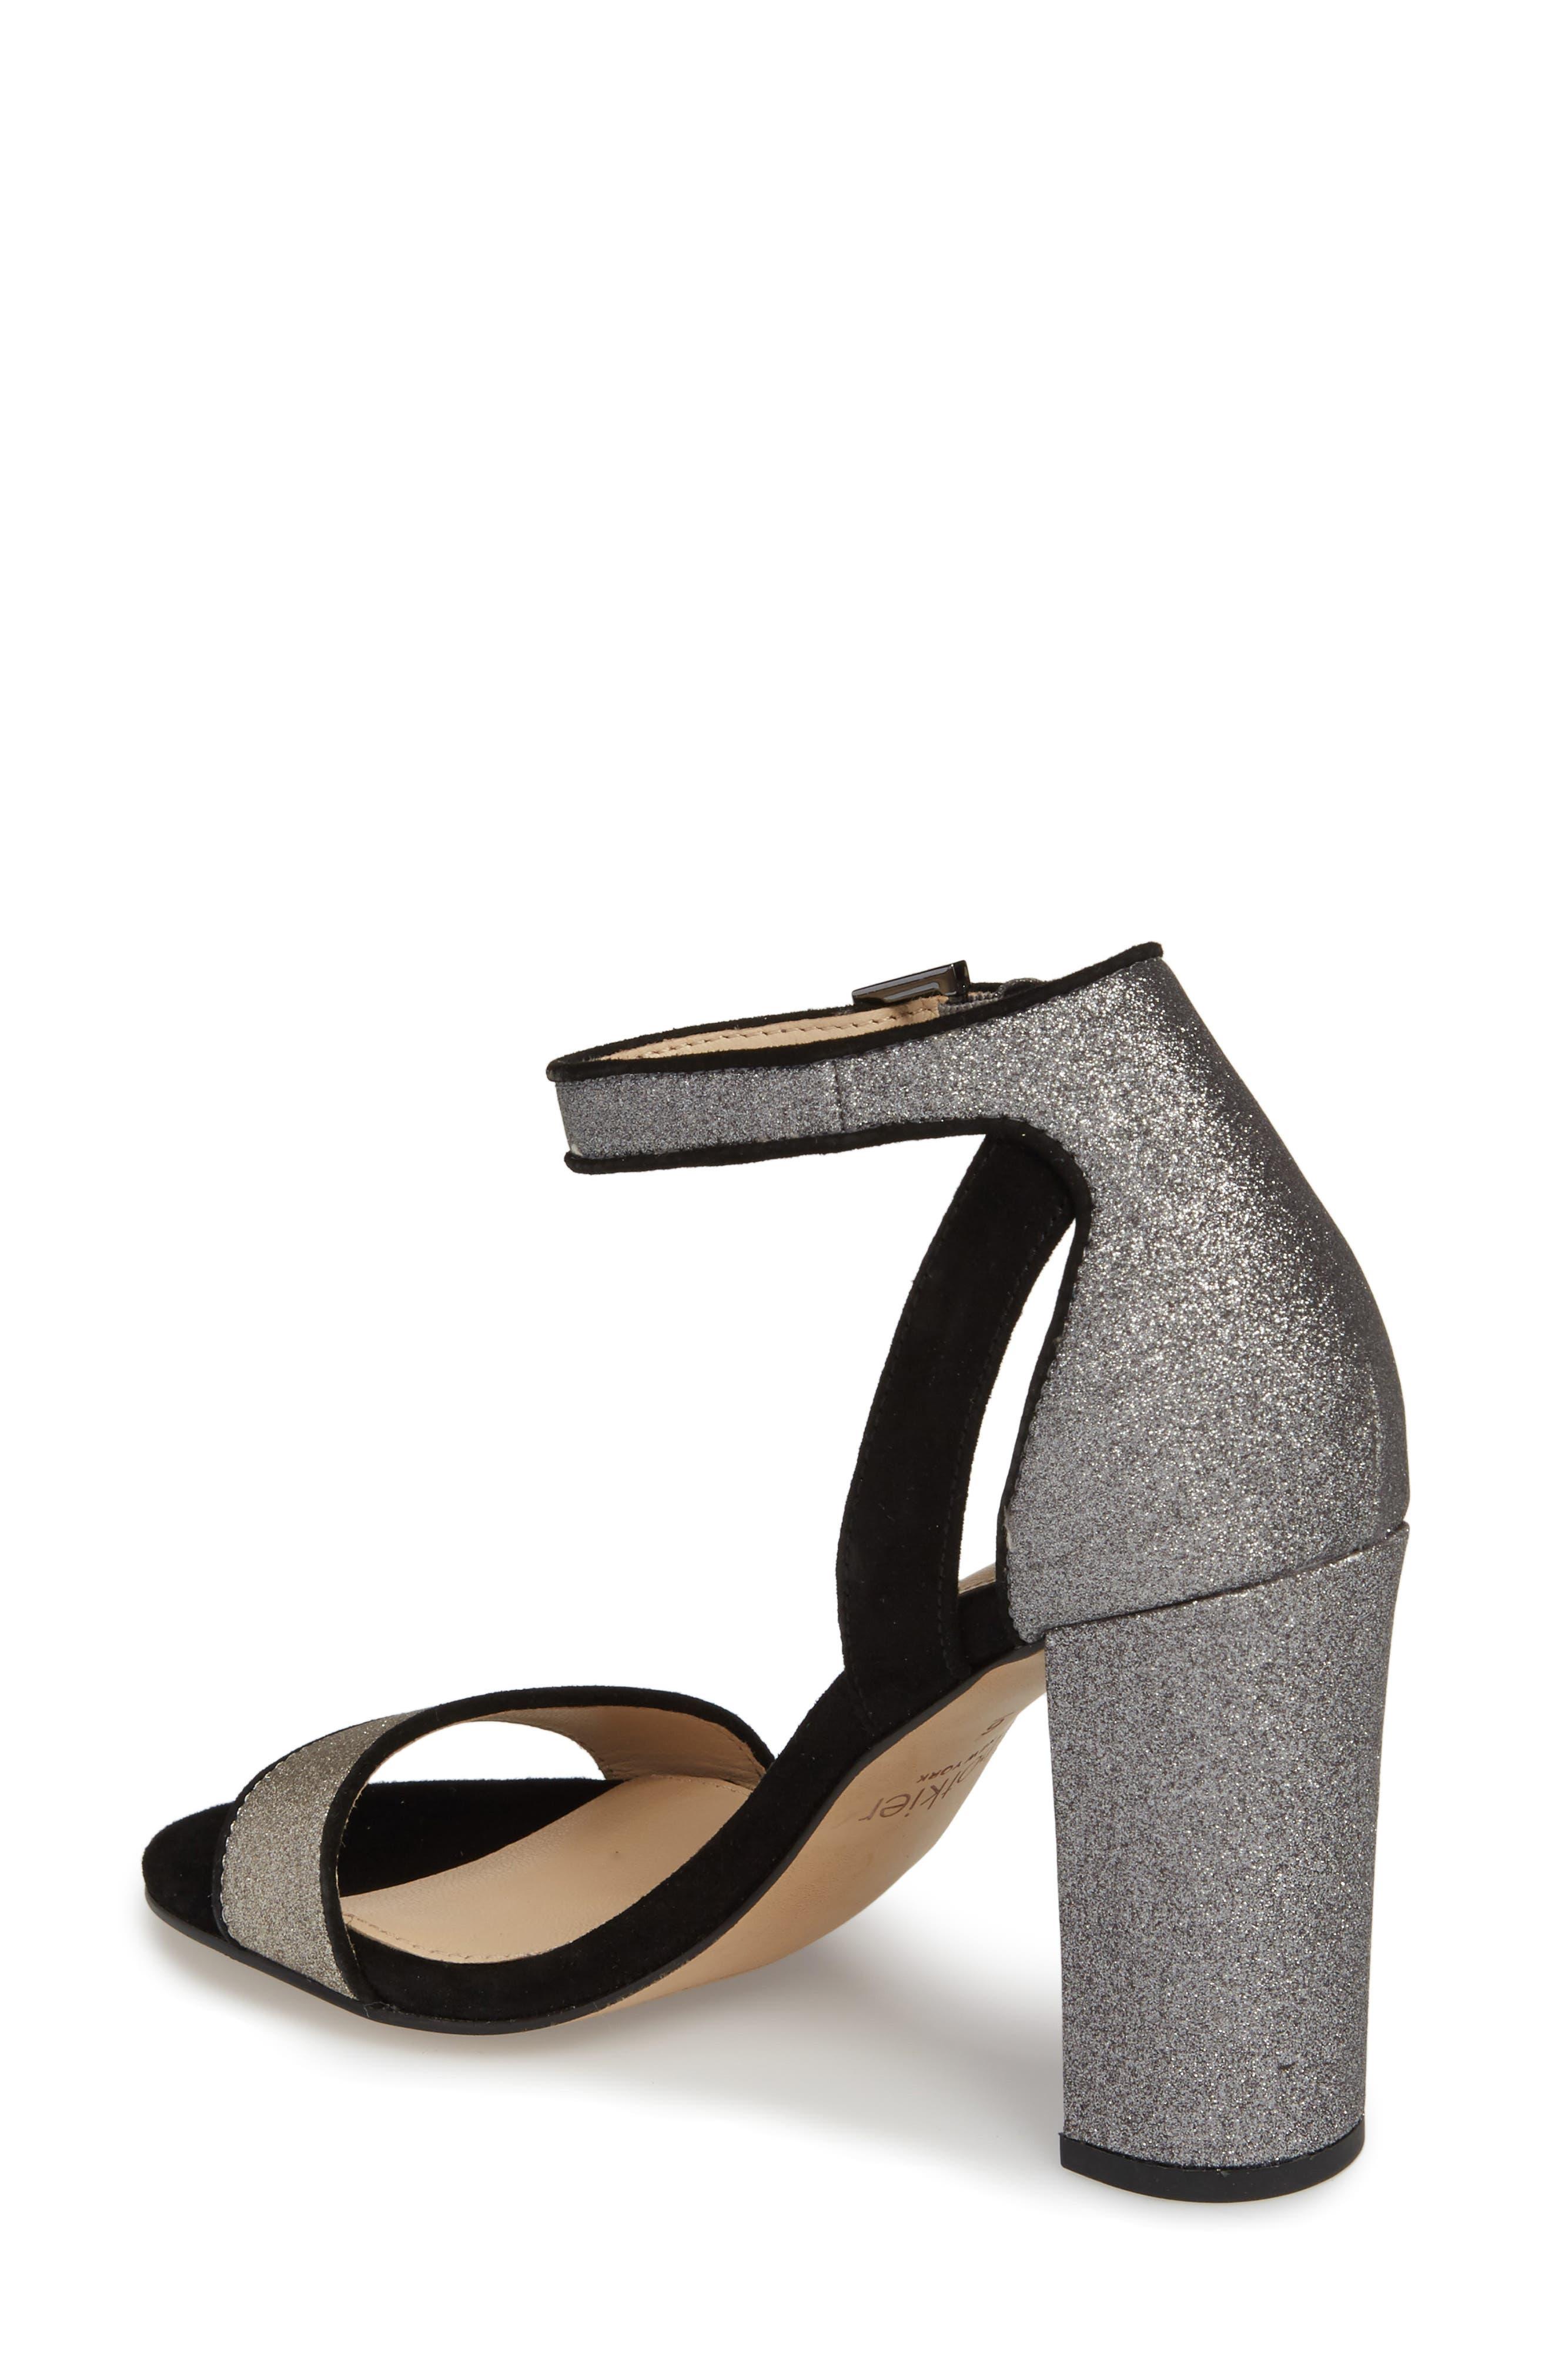 Gianna Ankle Strap Sandal,                             Alternate thumbnail 2, color,                             Gunmetal Glitter